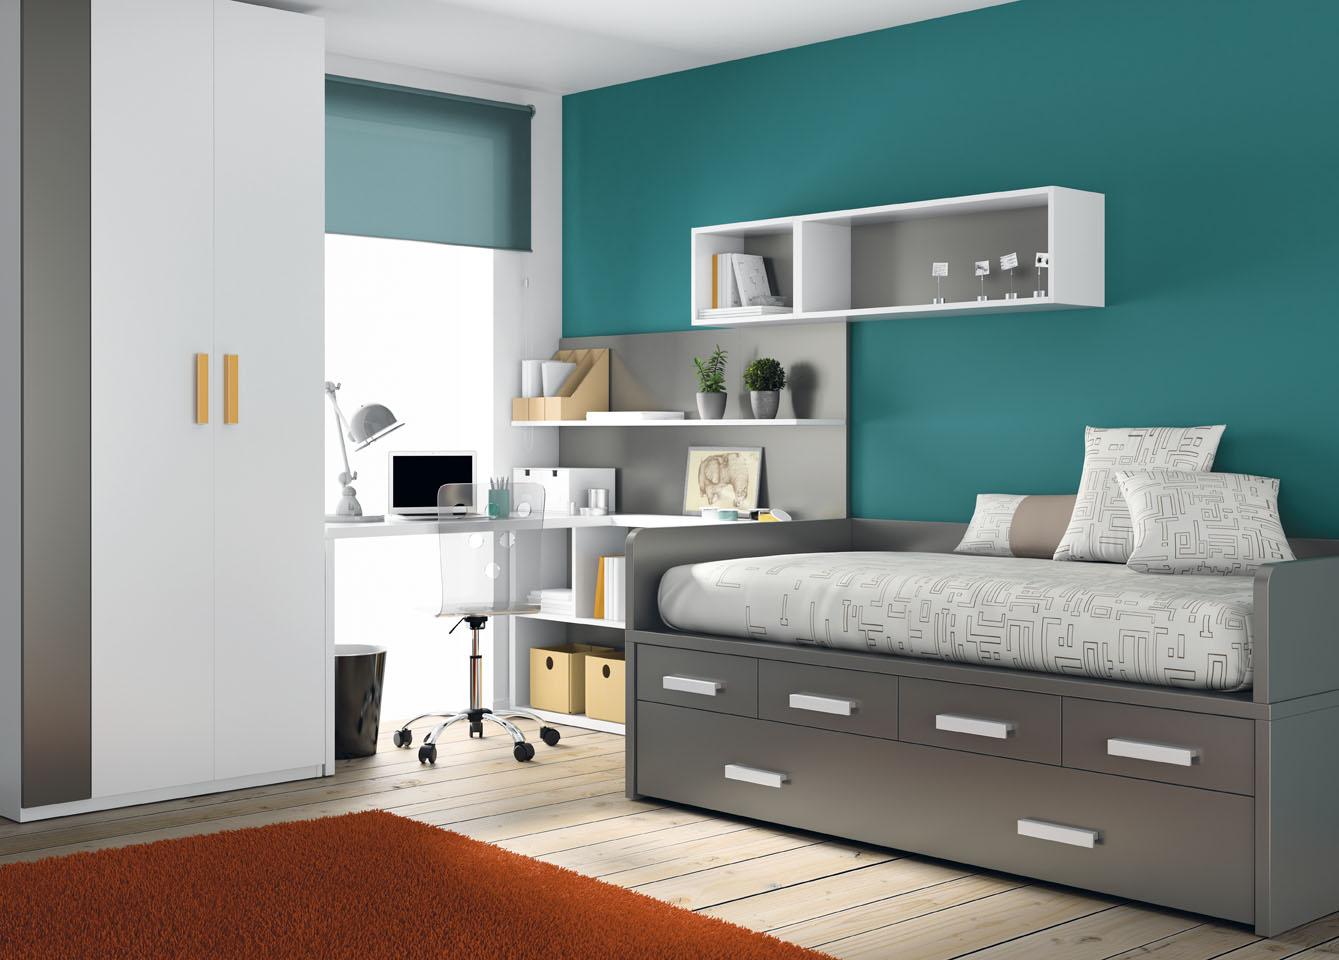 Muebles ros habitaciones para j venes econ micas y de dise o for Diseno de habitacion para adolescente